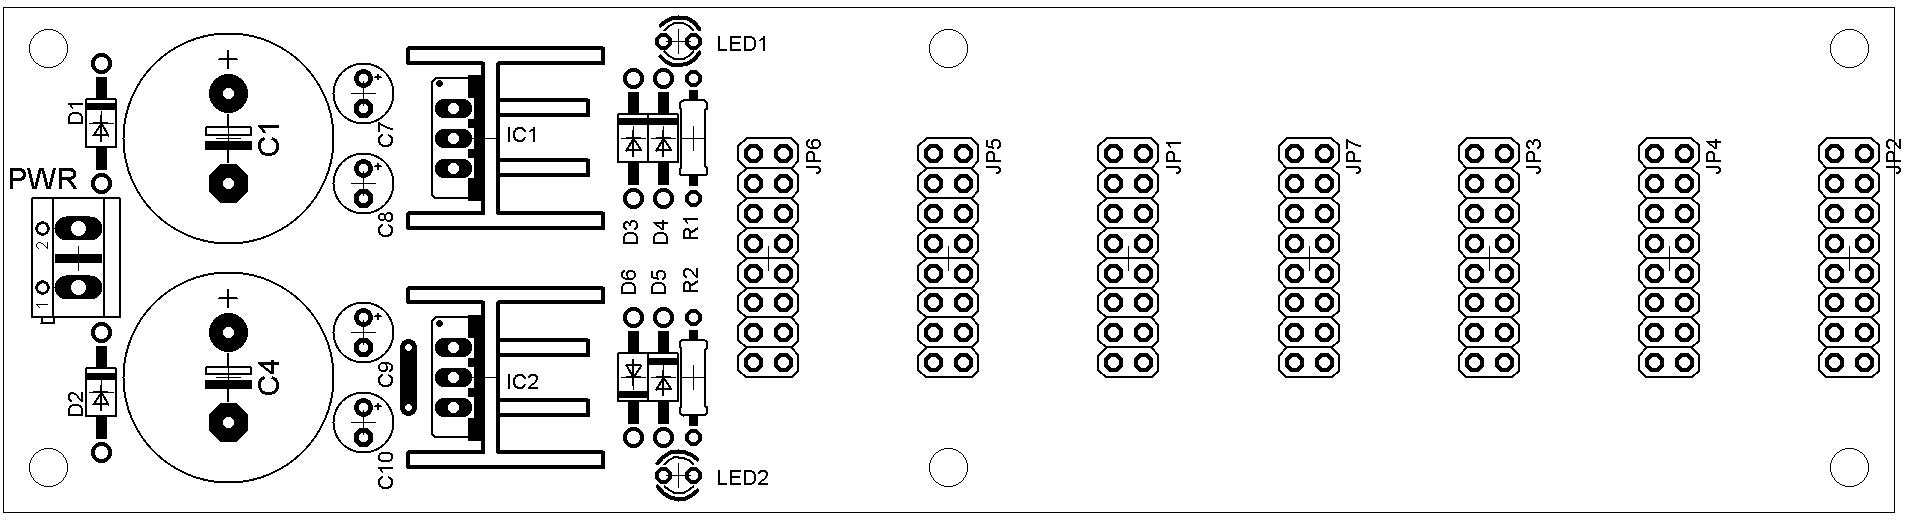 Mini PSU PCB TOP layer